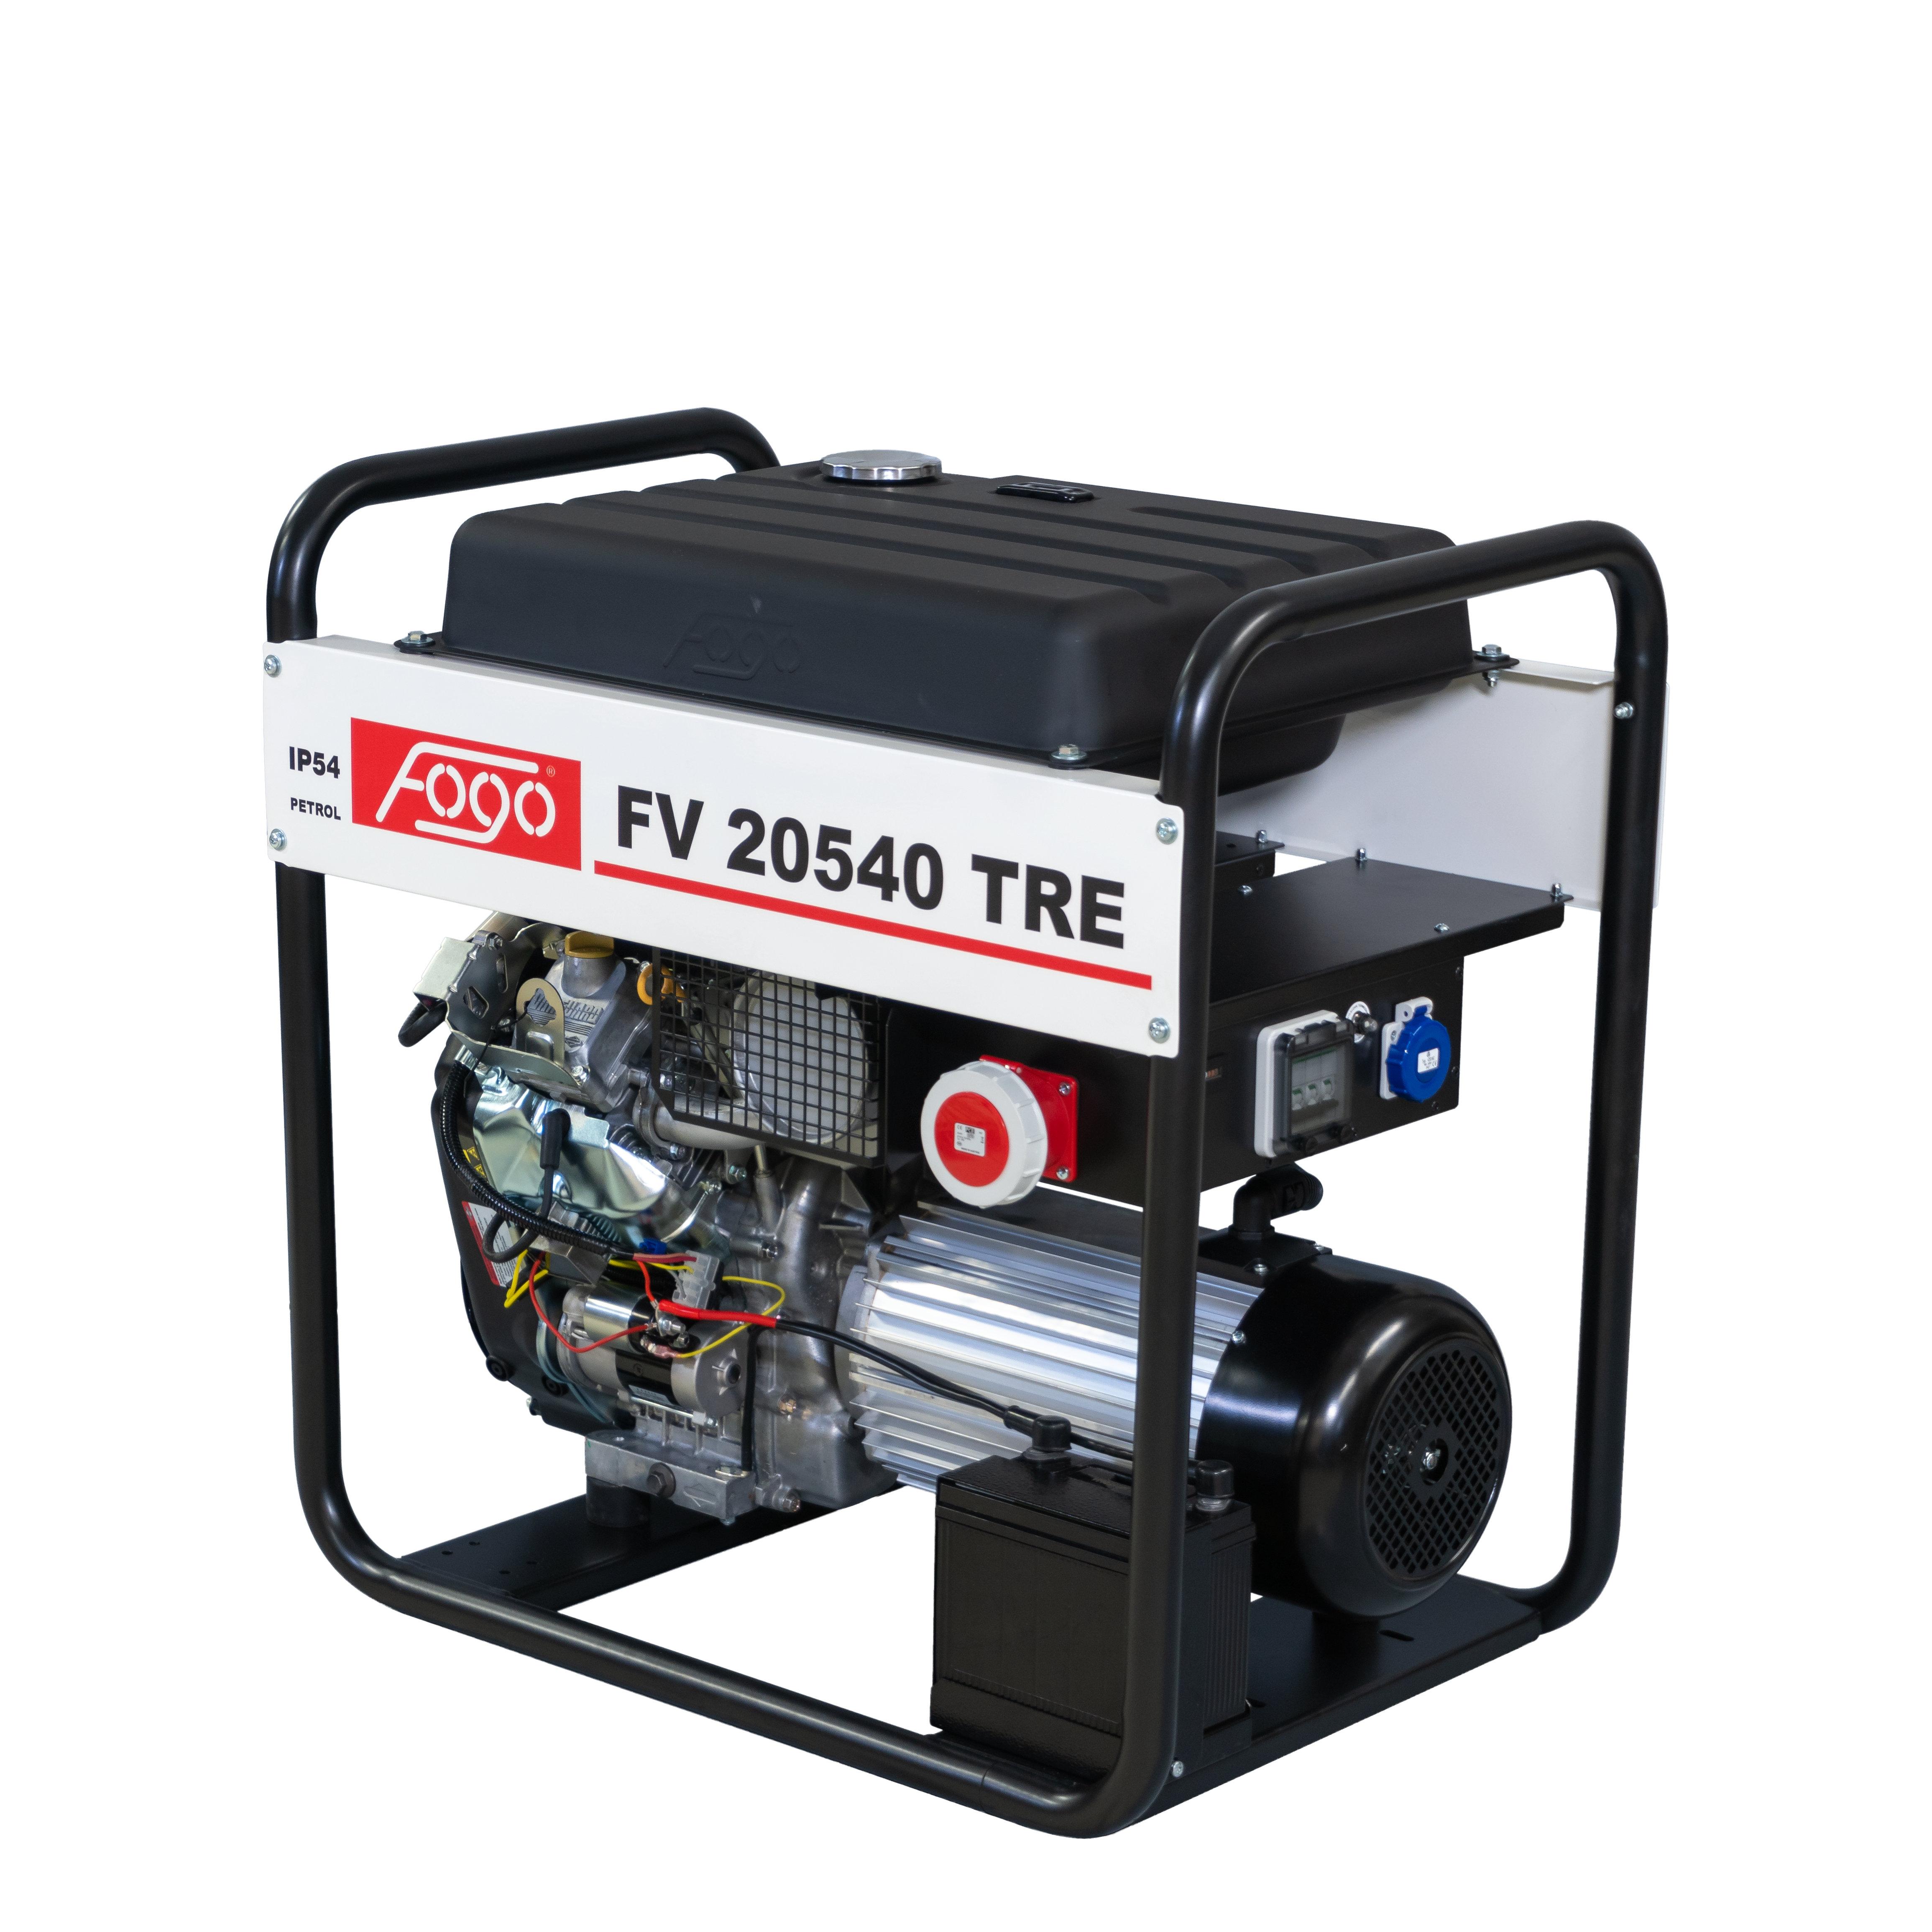 FOGO B&S VANGUARD 19.5 kVA Stromaggregat AVR IP54 400 V FV 20540TRE